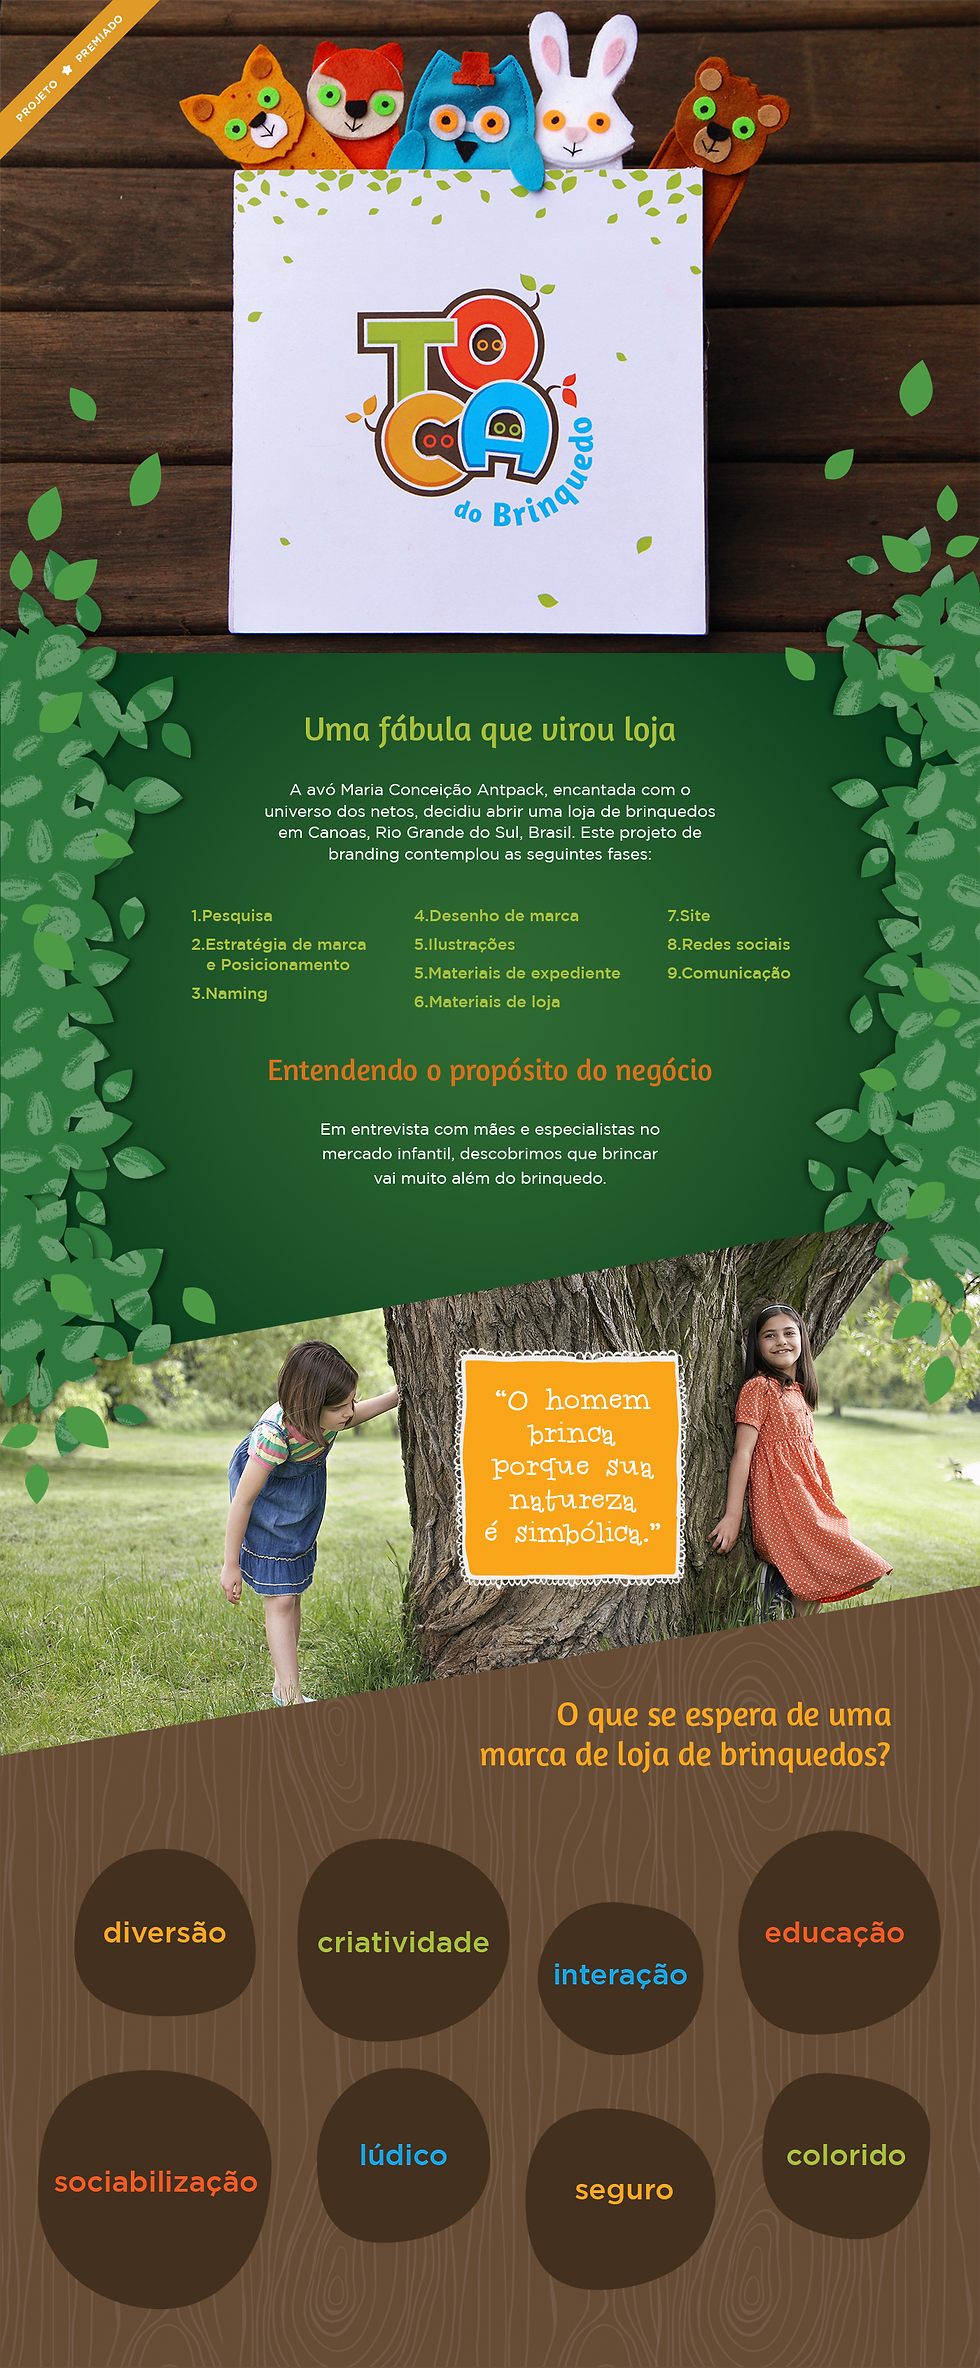 LO_selo_projetospremiados_TOCA.png